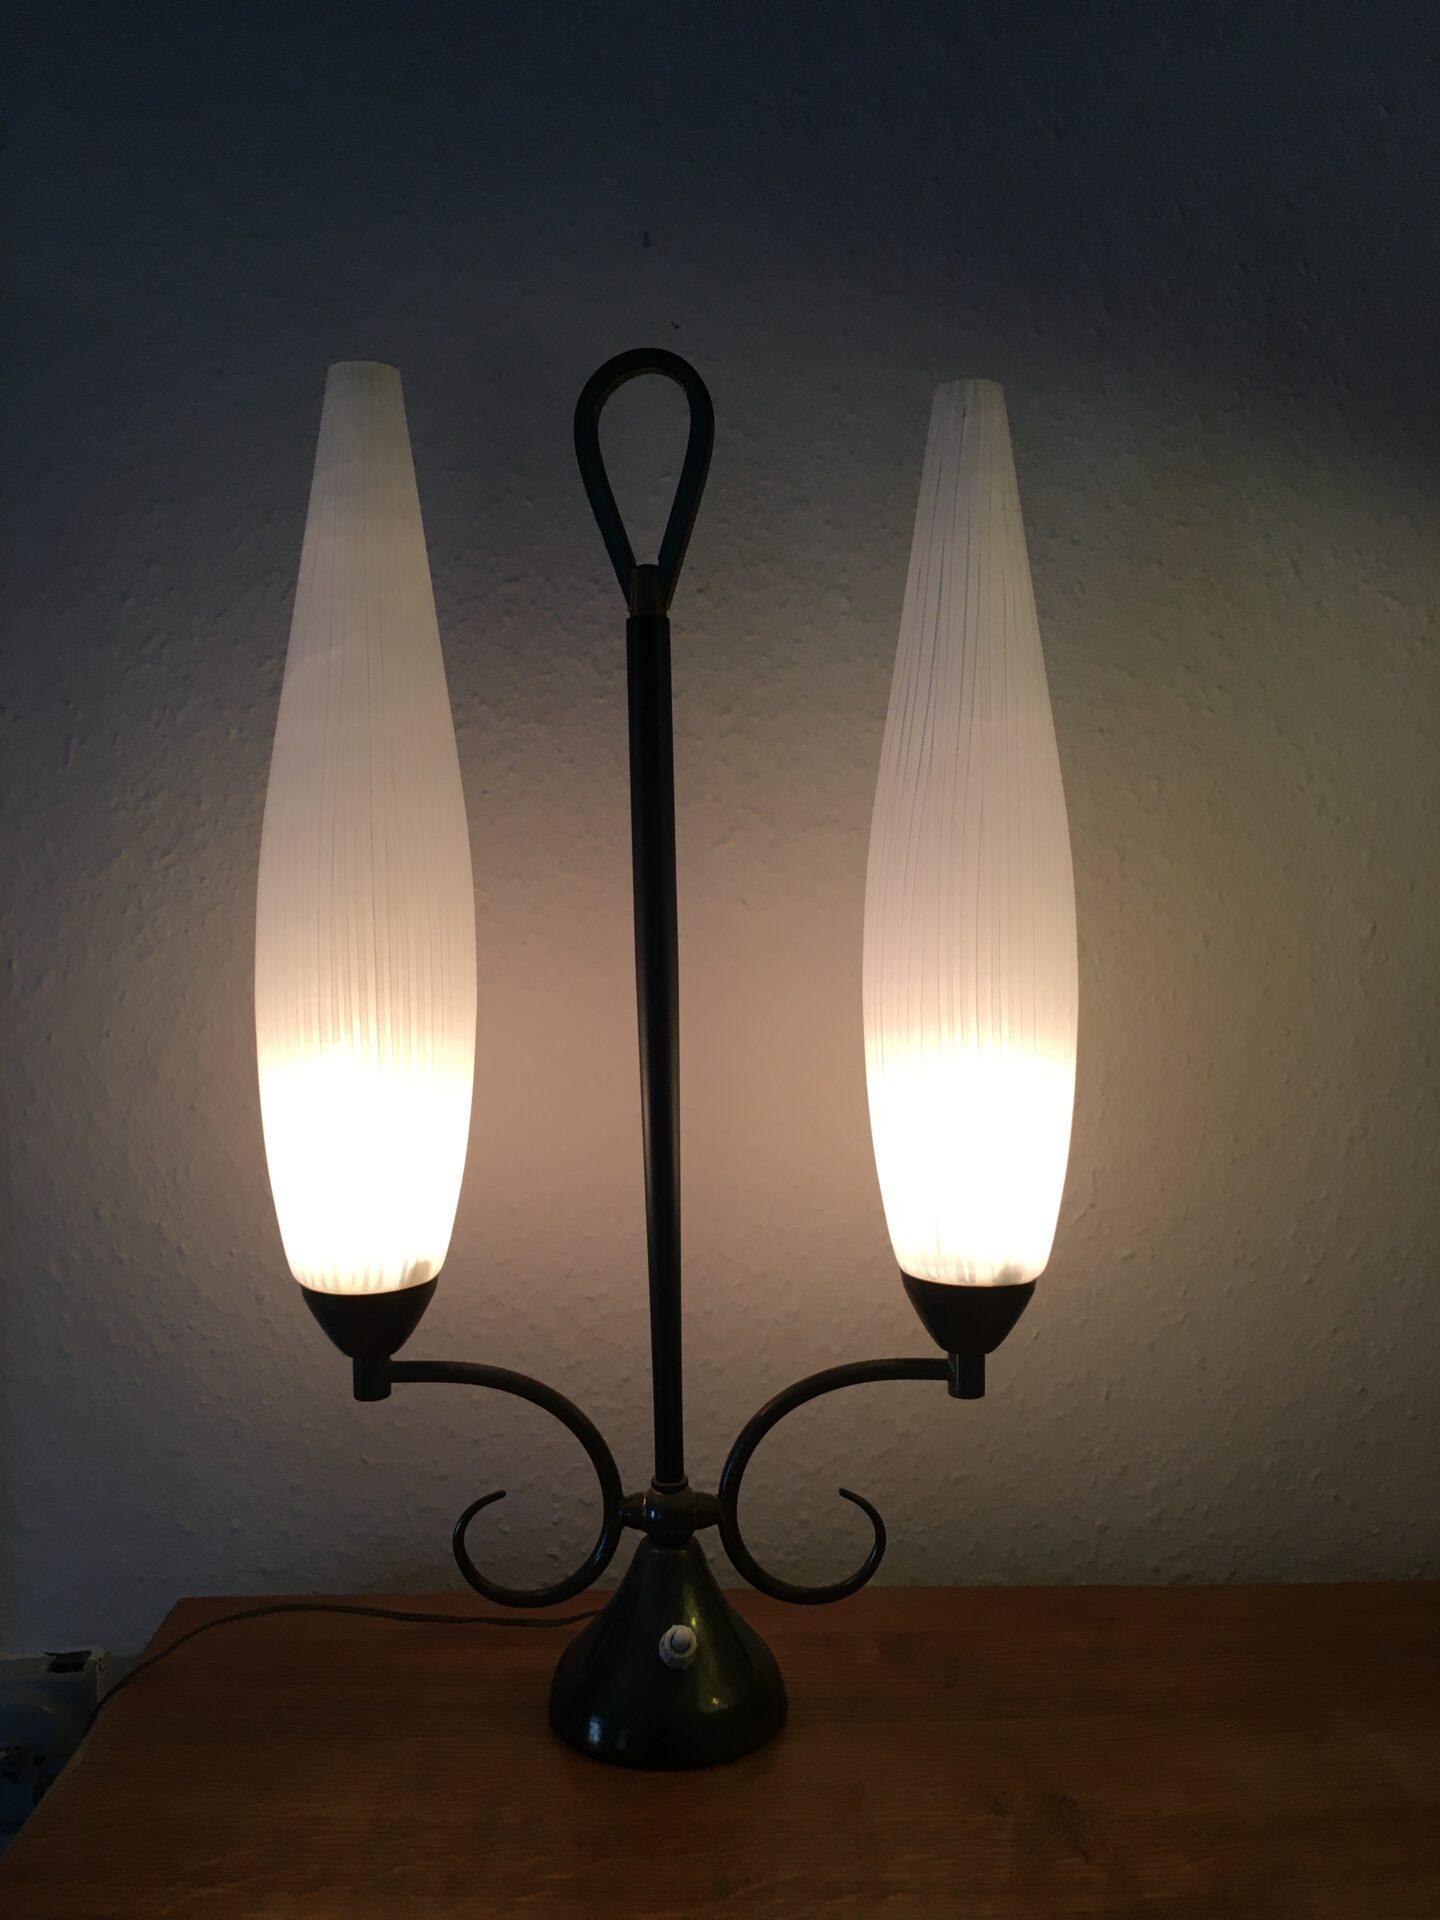 Funkis bordlampe fra 50-erne, h= 50 cm, patineret bronche, pris 800 kr